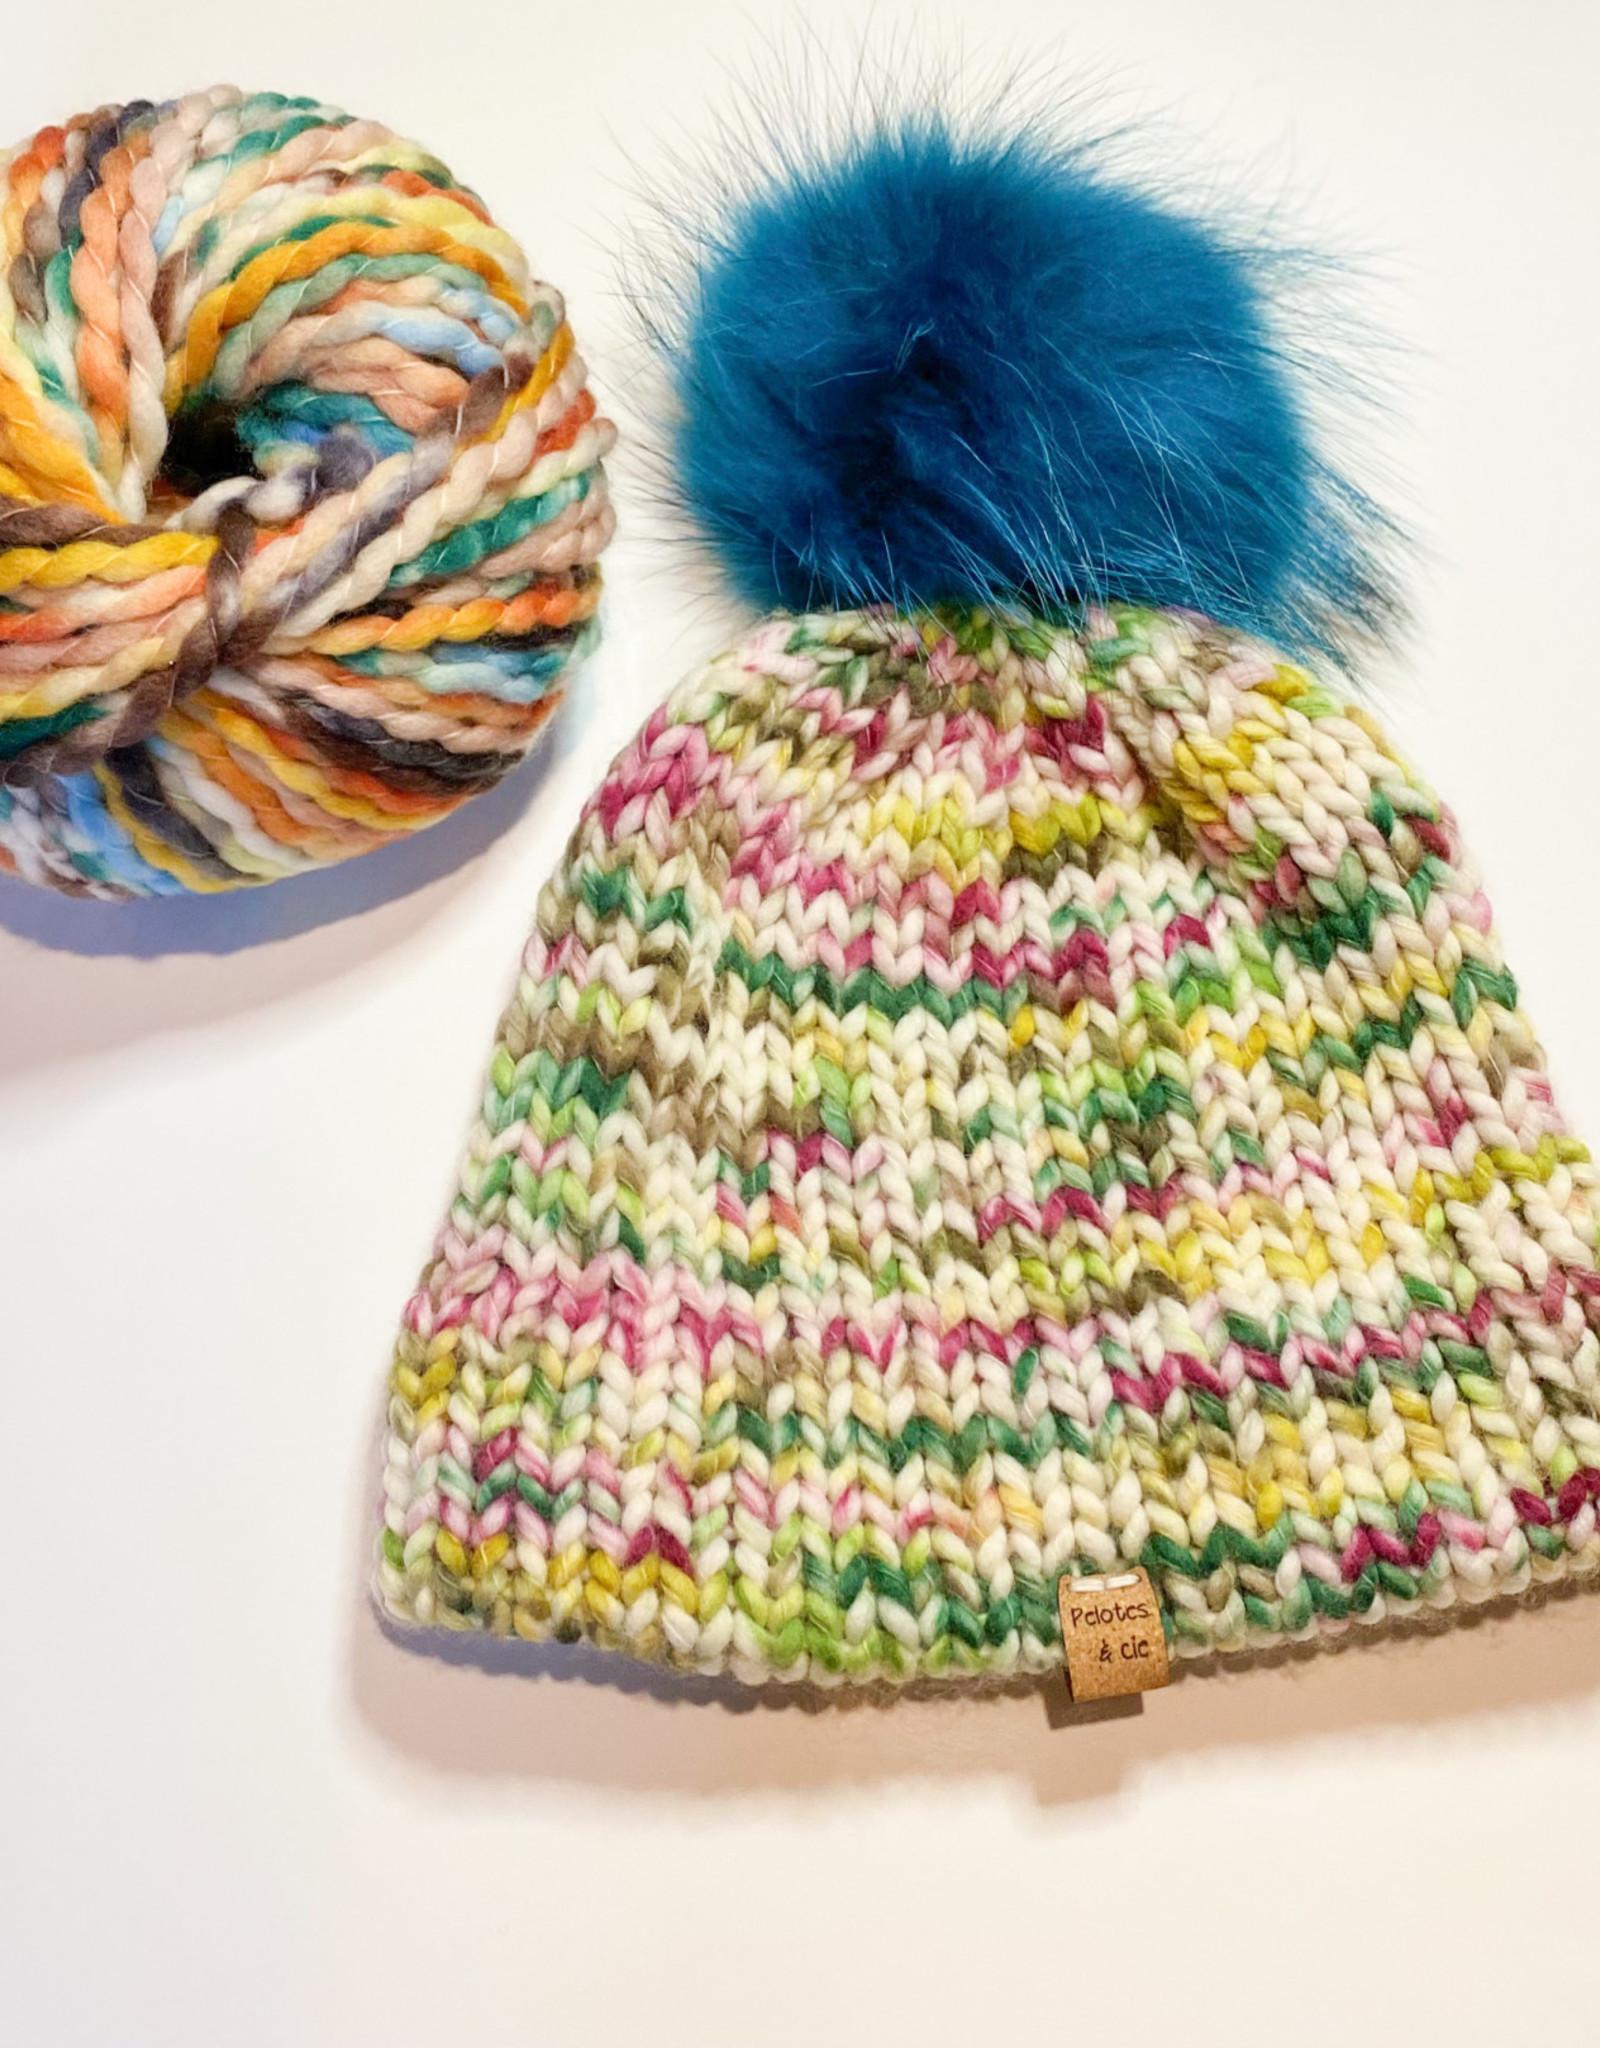 Pelotes & Cie Prêt-à-tricoter - Tuque Clover - Green